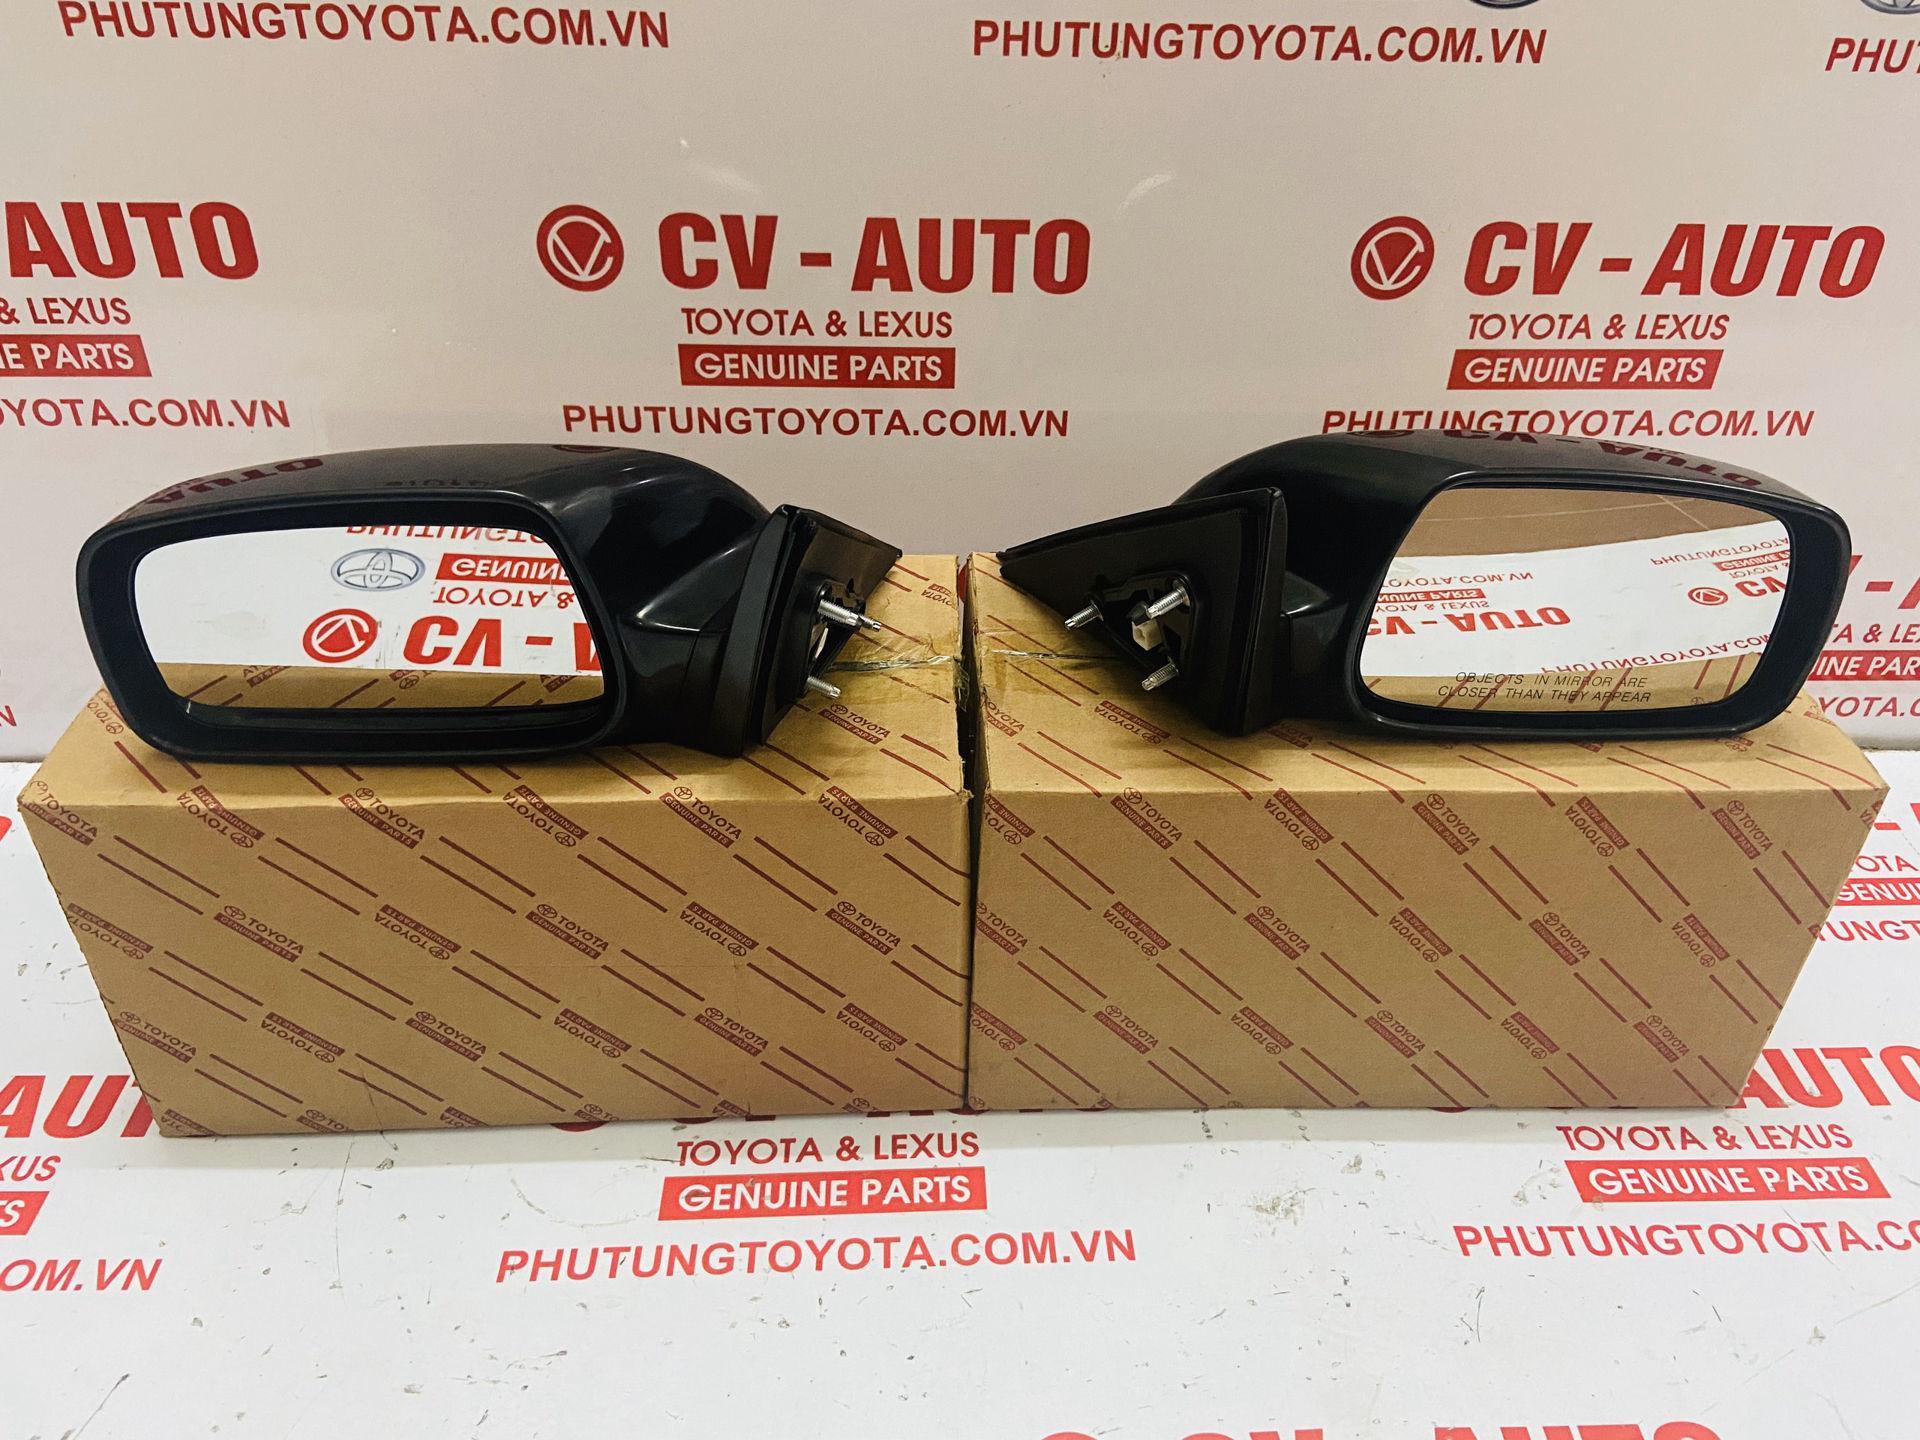 Picture of 87910-06925 87940-06924 Gương chiếu hậu Toyota Camry Mỹ 2006-2011 (không sấy mặt) chính hãng